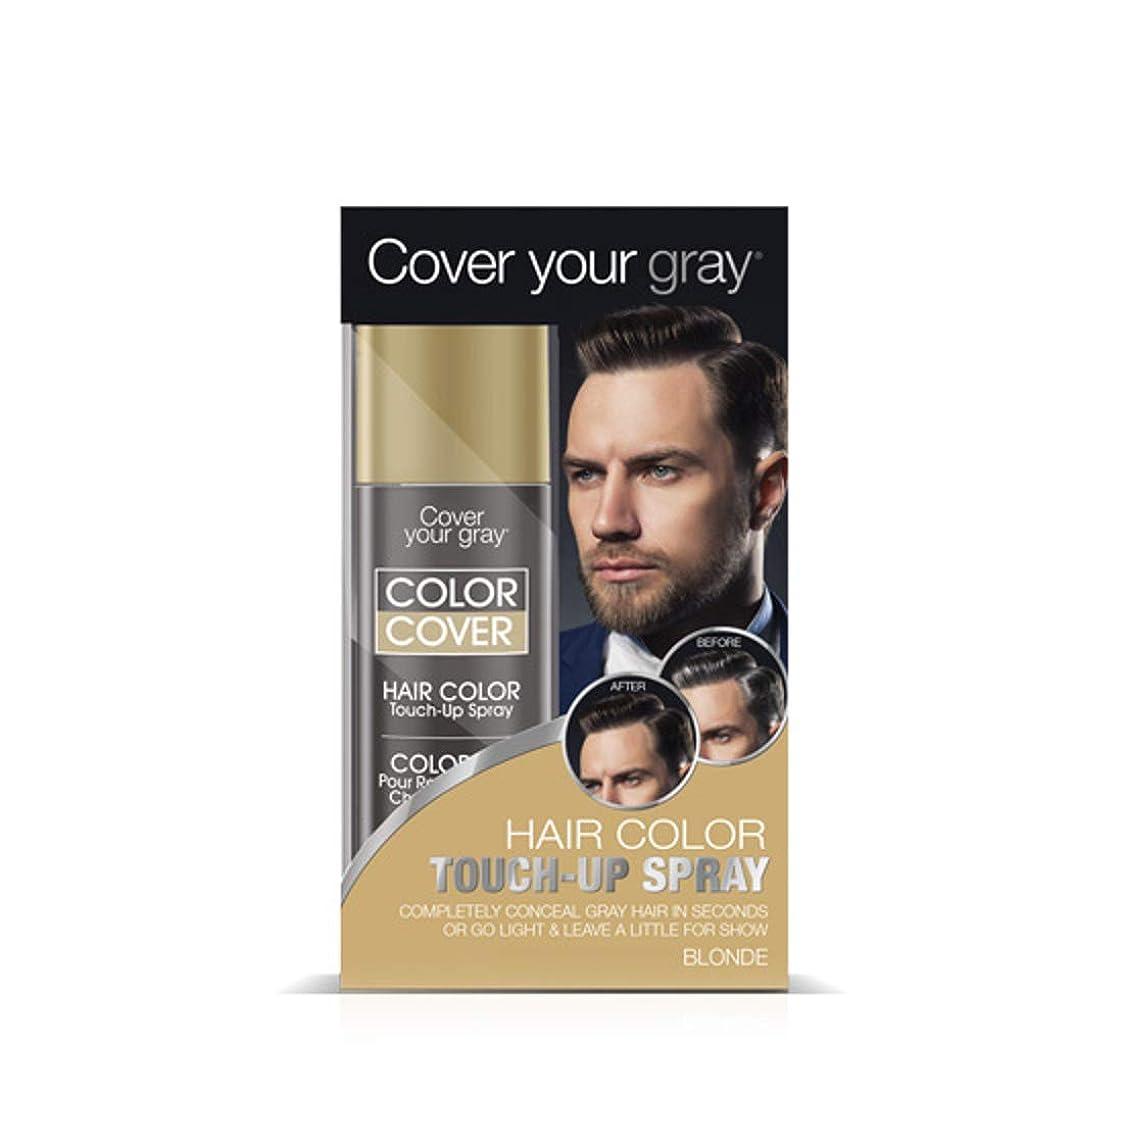 死ぬ心から期待するCover Your Gray メンズカラーカバータッチアップスプレー - ブロンド(6パック)